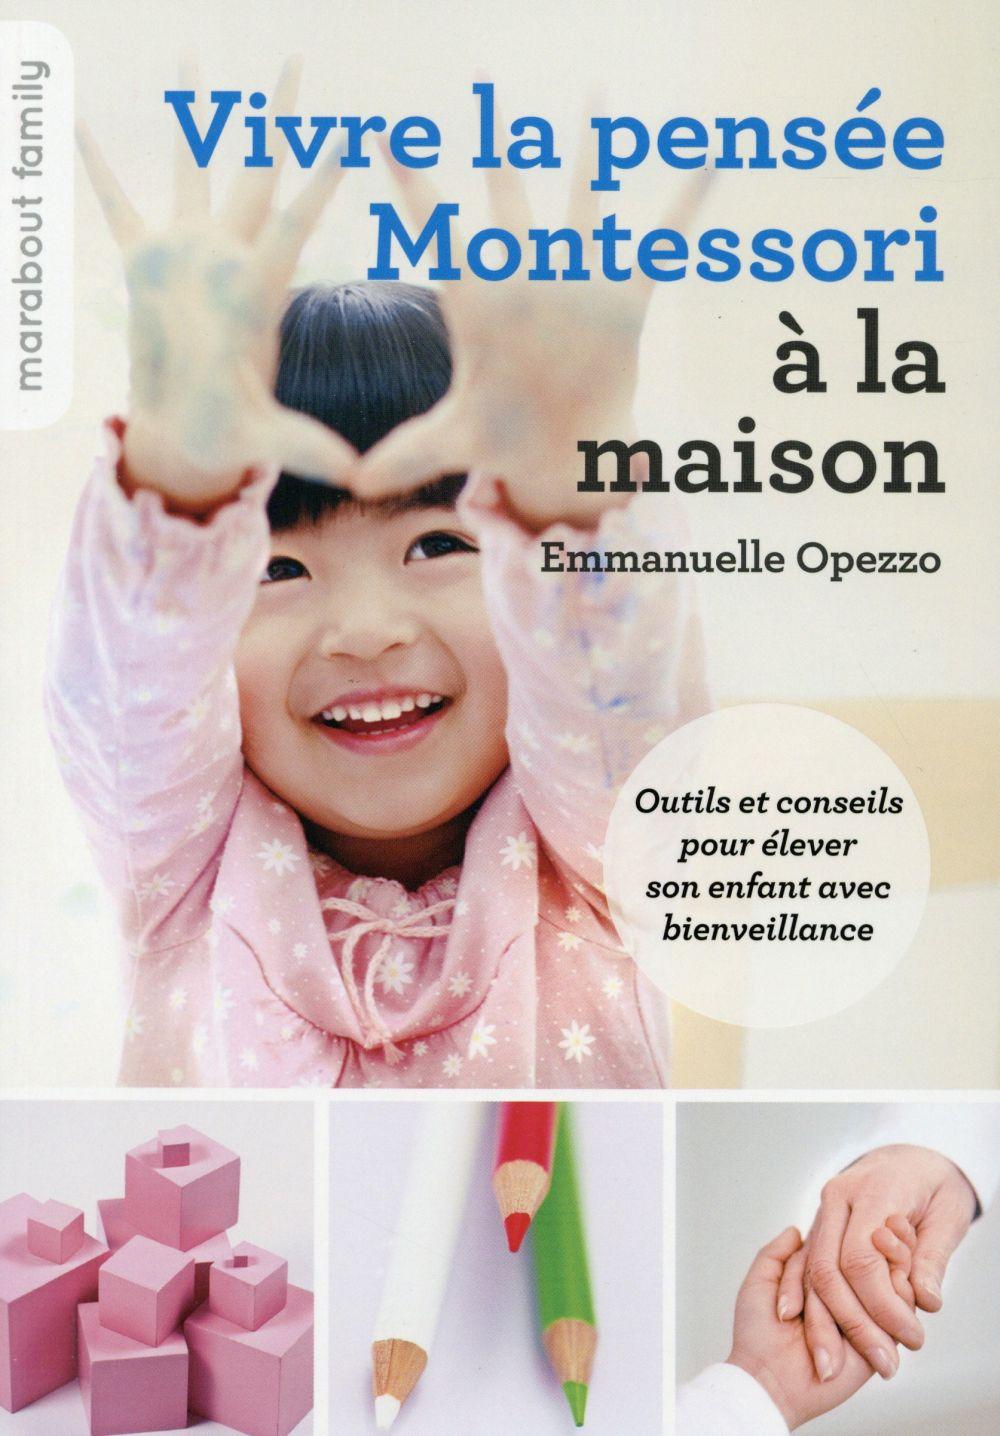 Vive la pensée Montessori à la maison